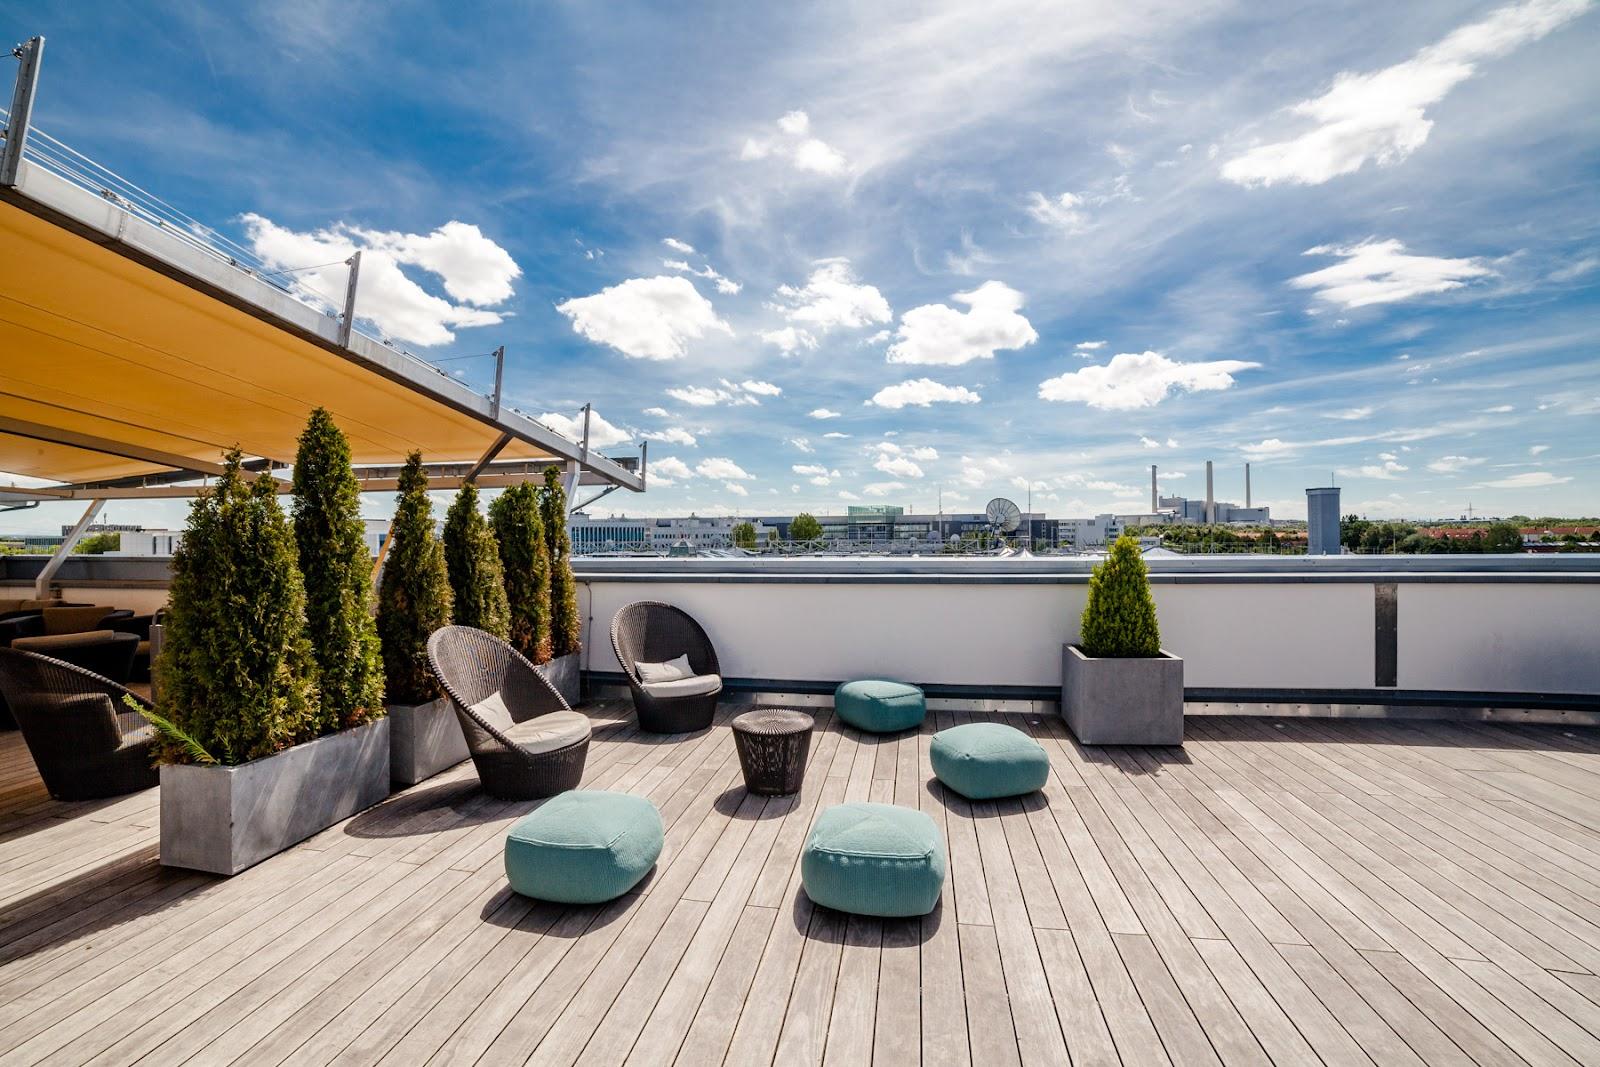 hochwertige Terrasse